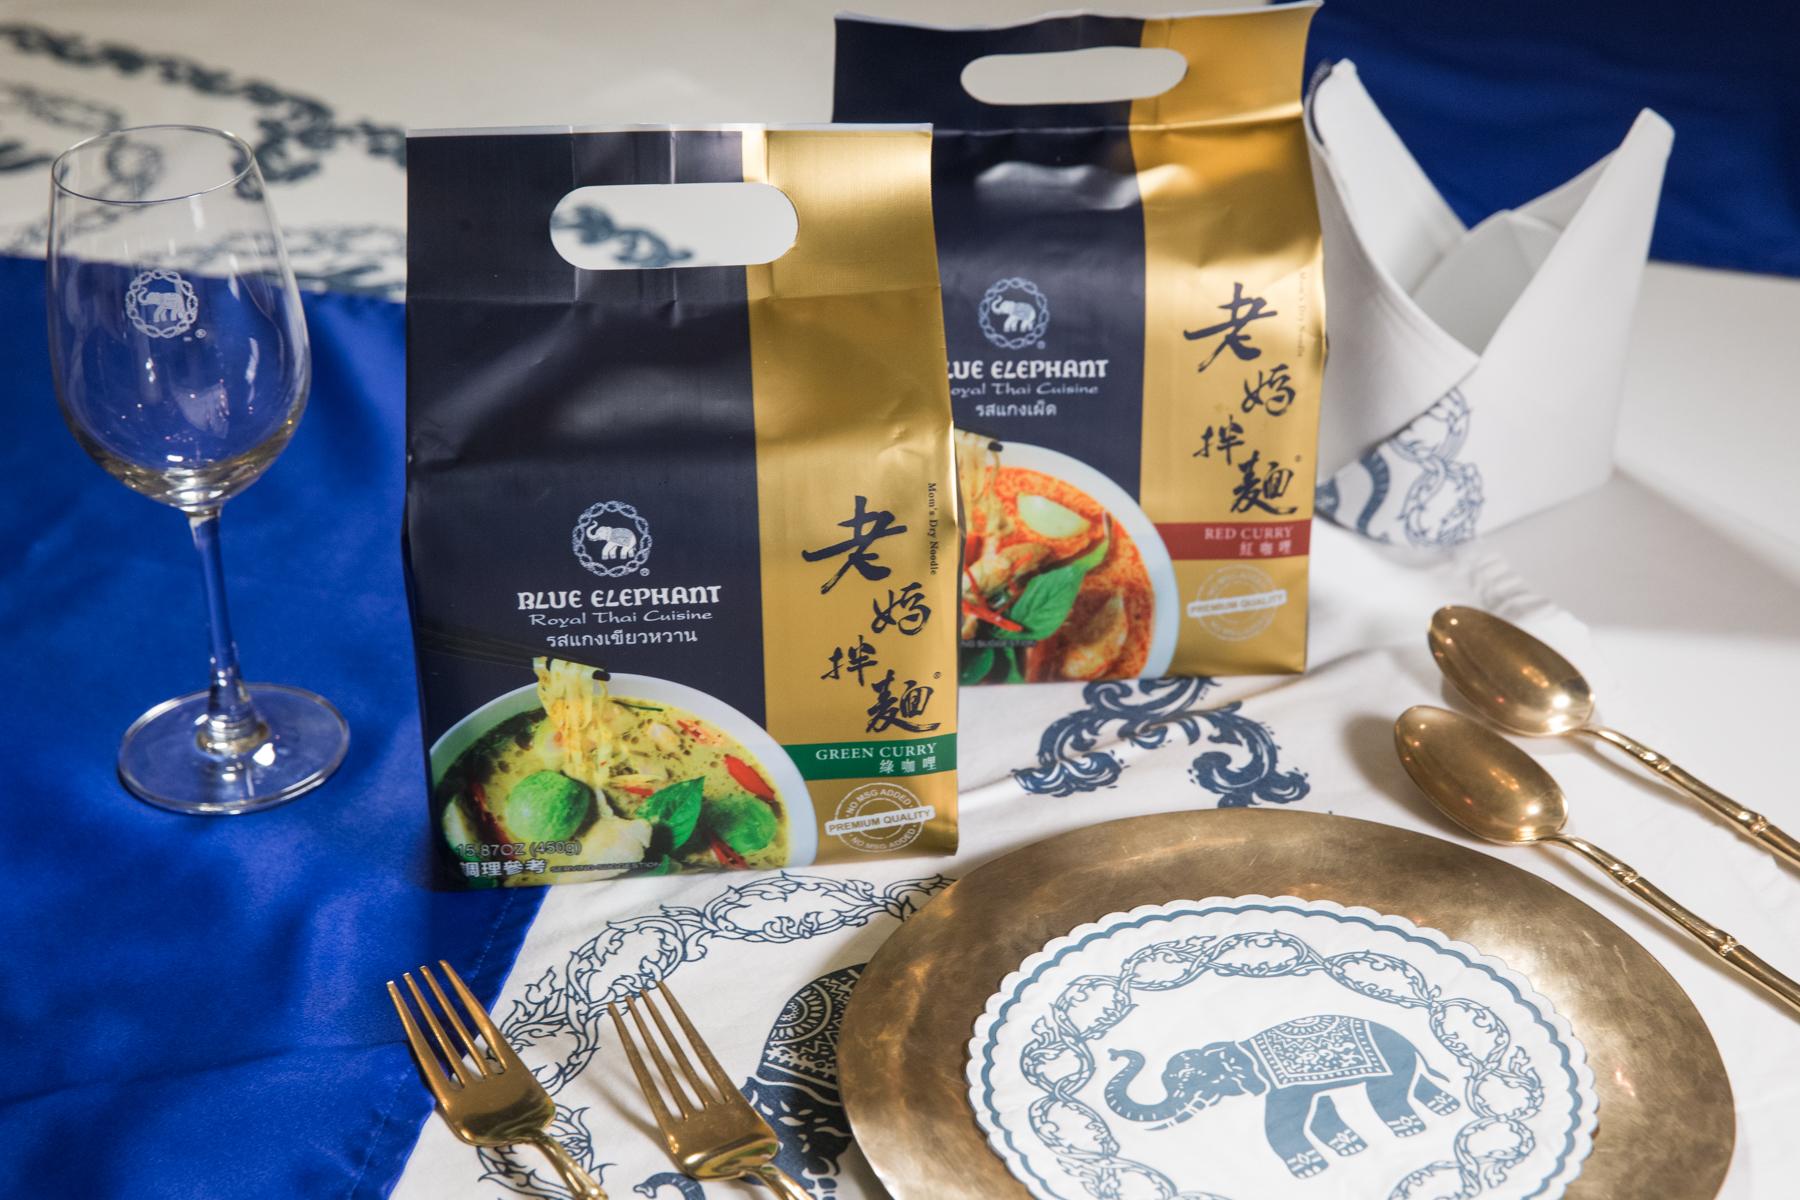 老媽拌麵首度跨界聯名 與米其林推薦餐廳藍象推出全新泰式口味.jpg